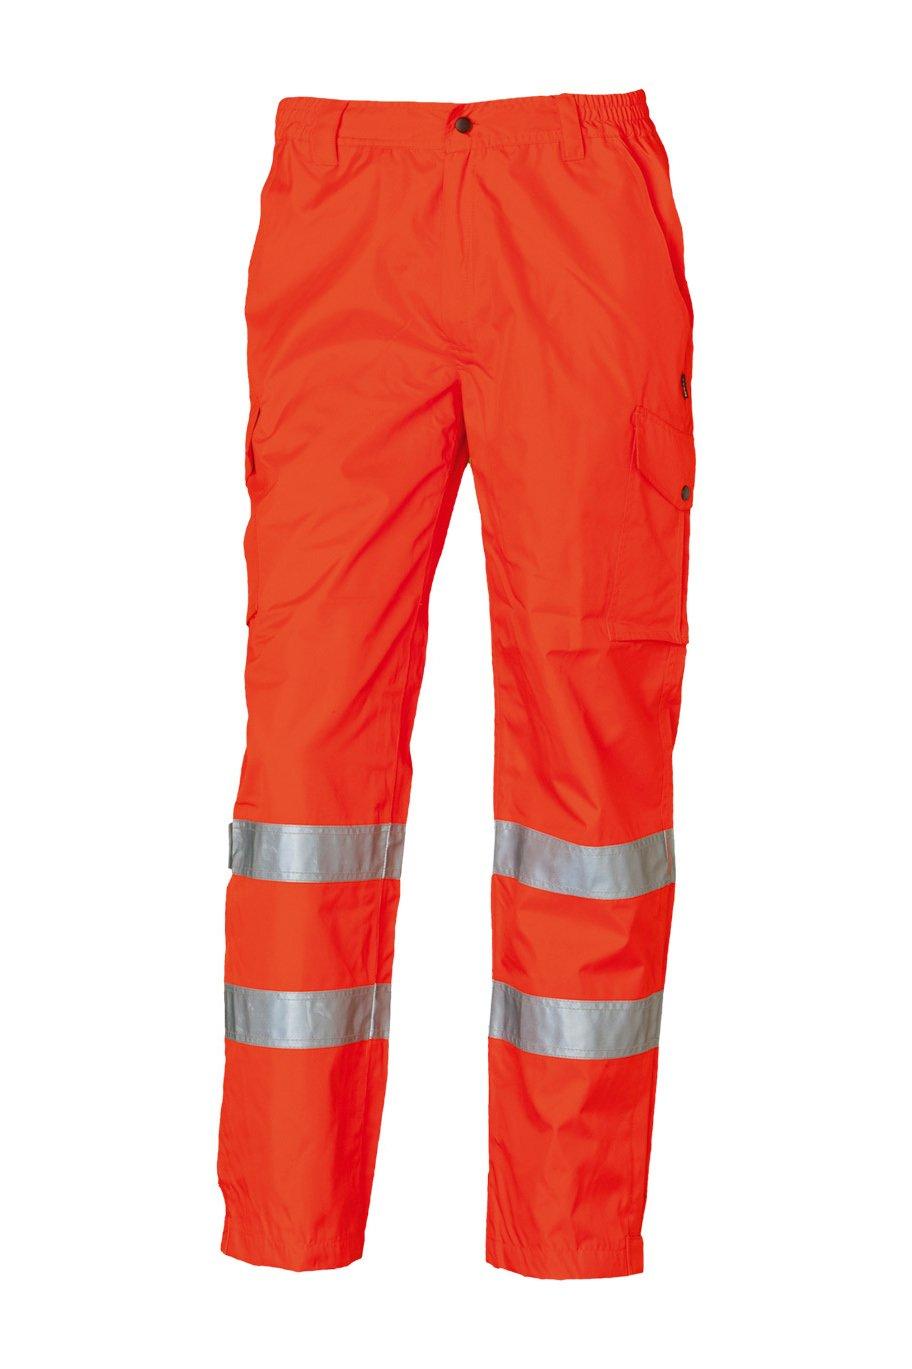 Sicherheitshose, fluorescent lemon/red, ISO 20471 Kl. 1